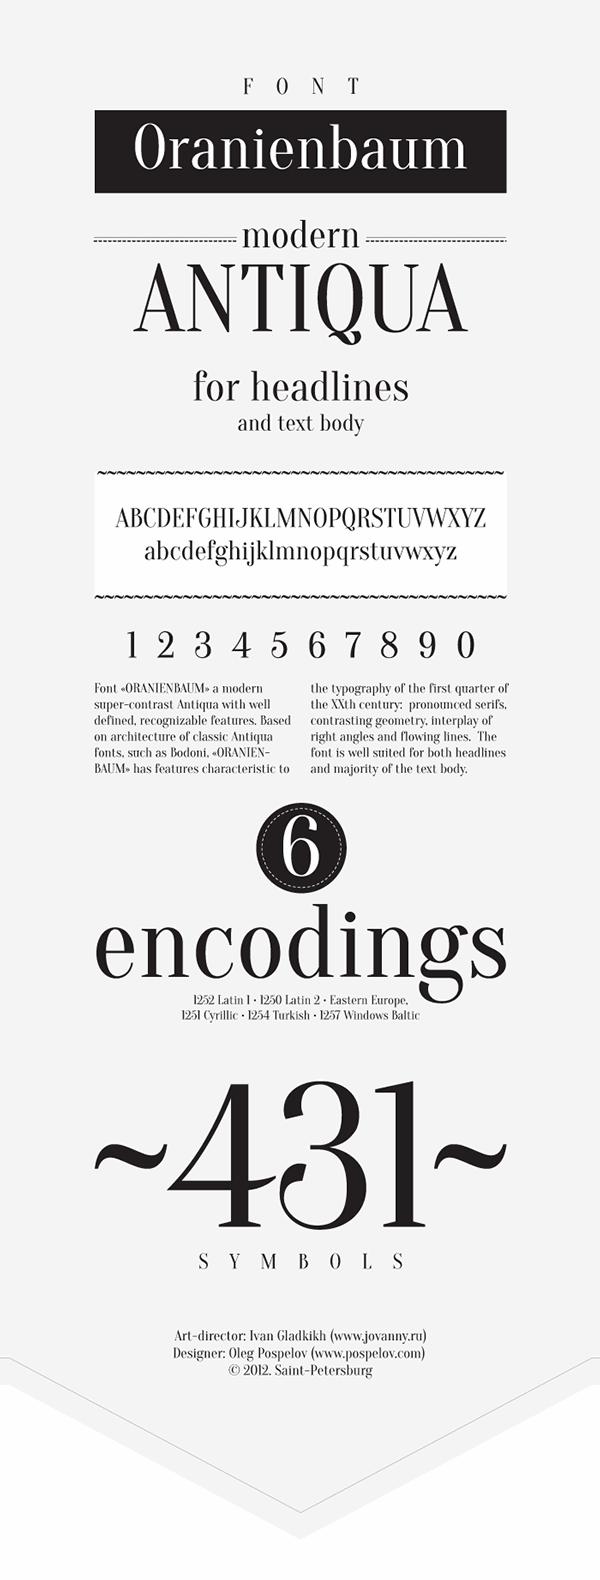 Image for Oranienbaum font